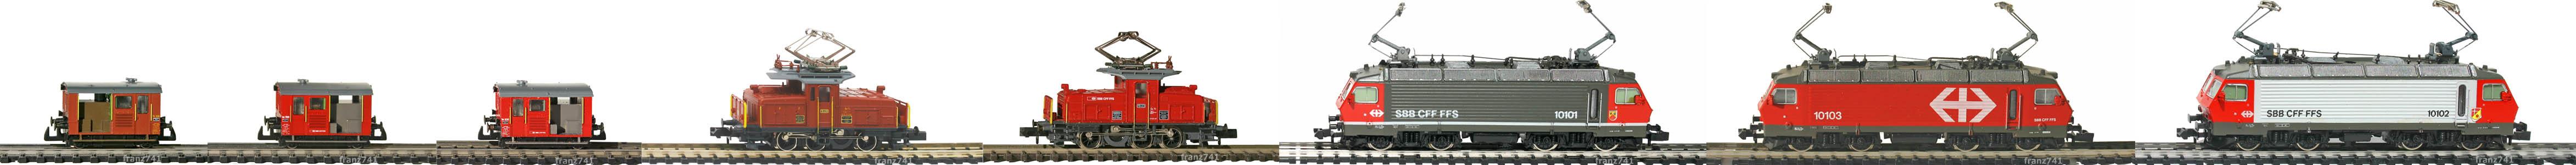 Epoche-IV-SBB-Rangier-und-Prototypen-Loks